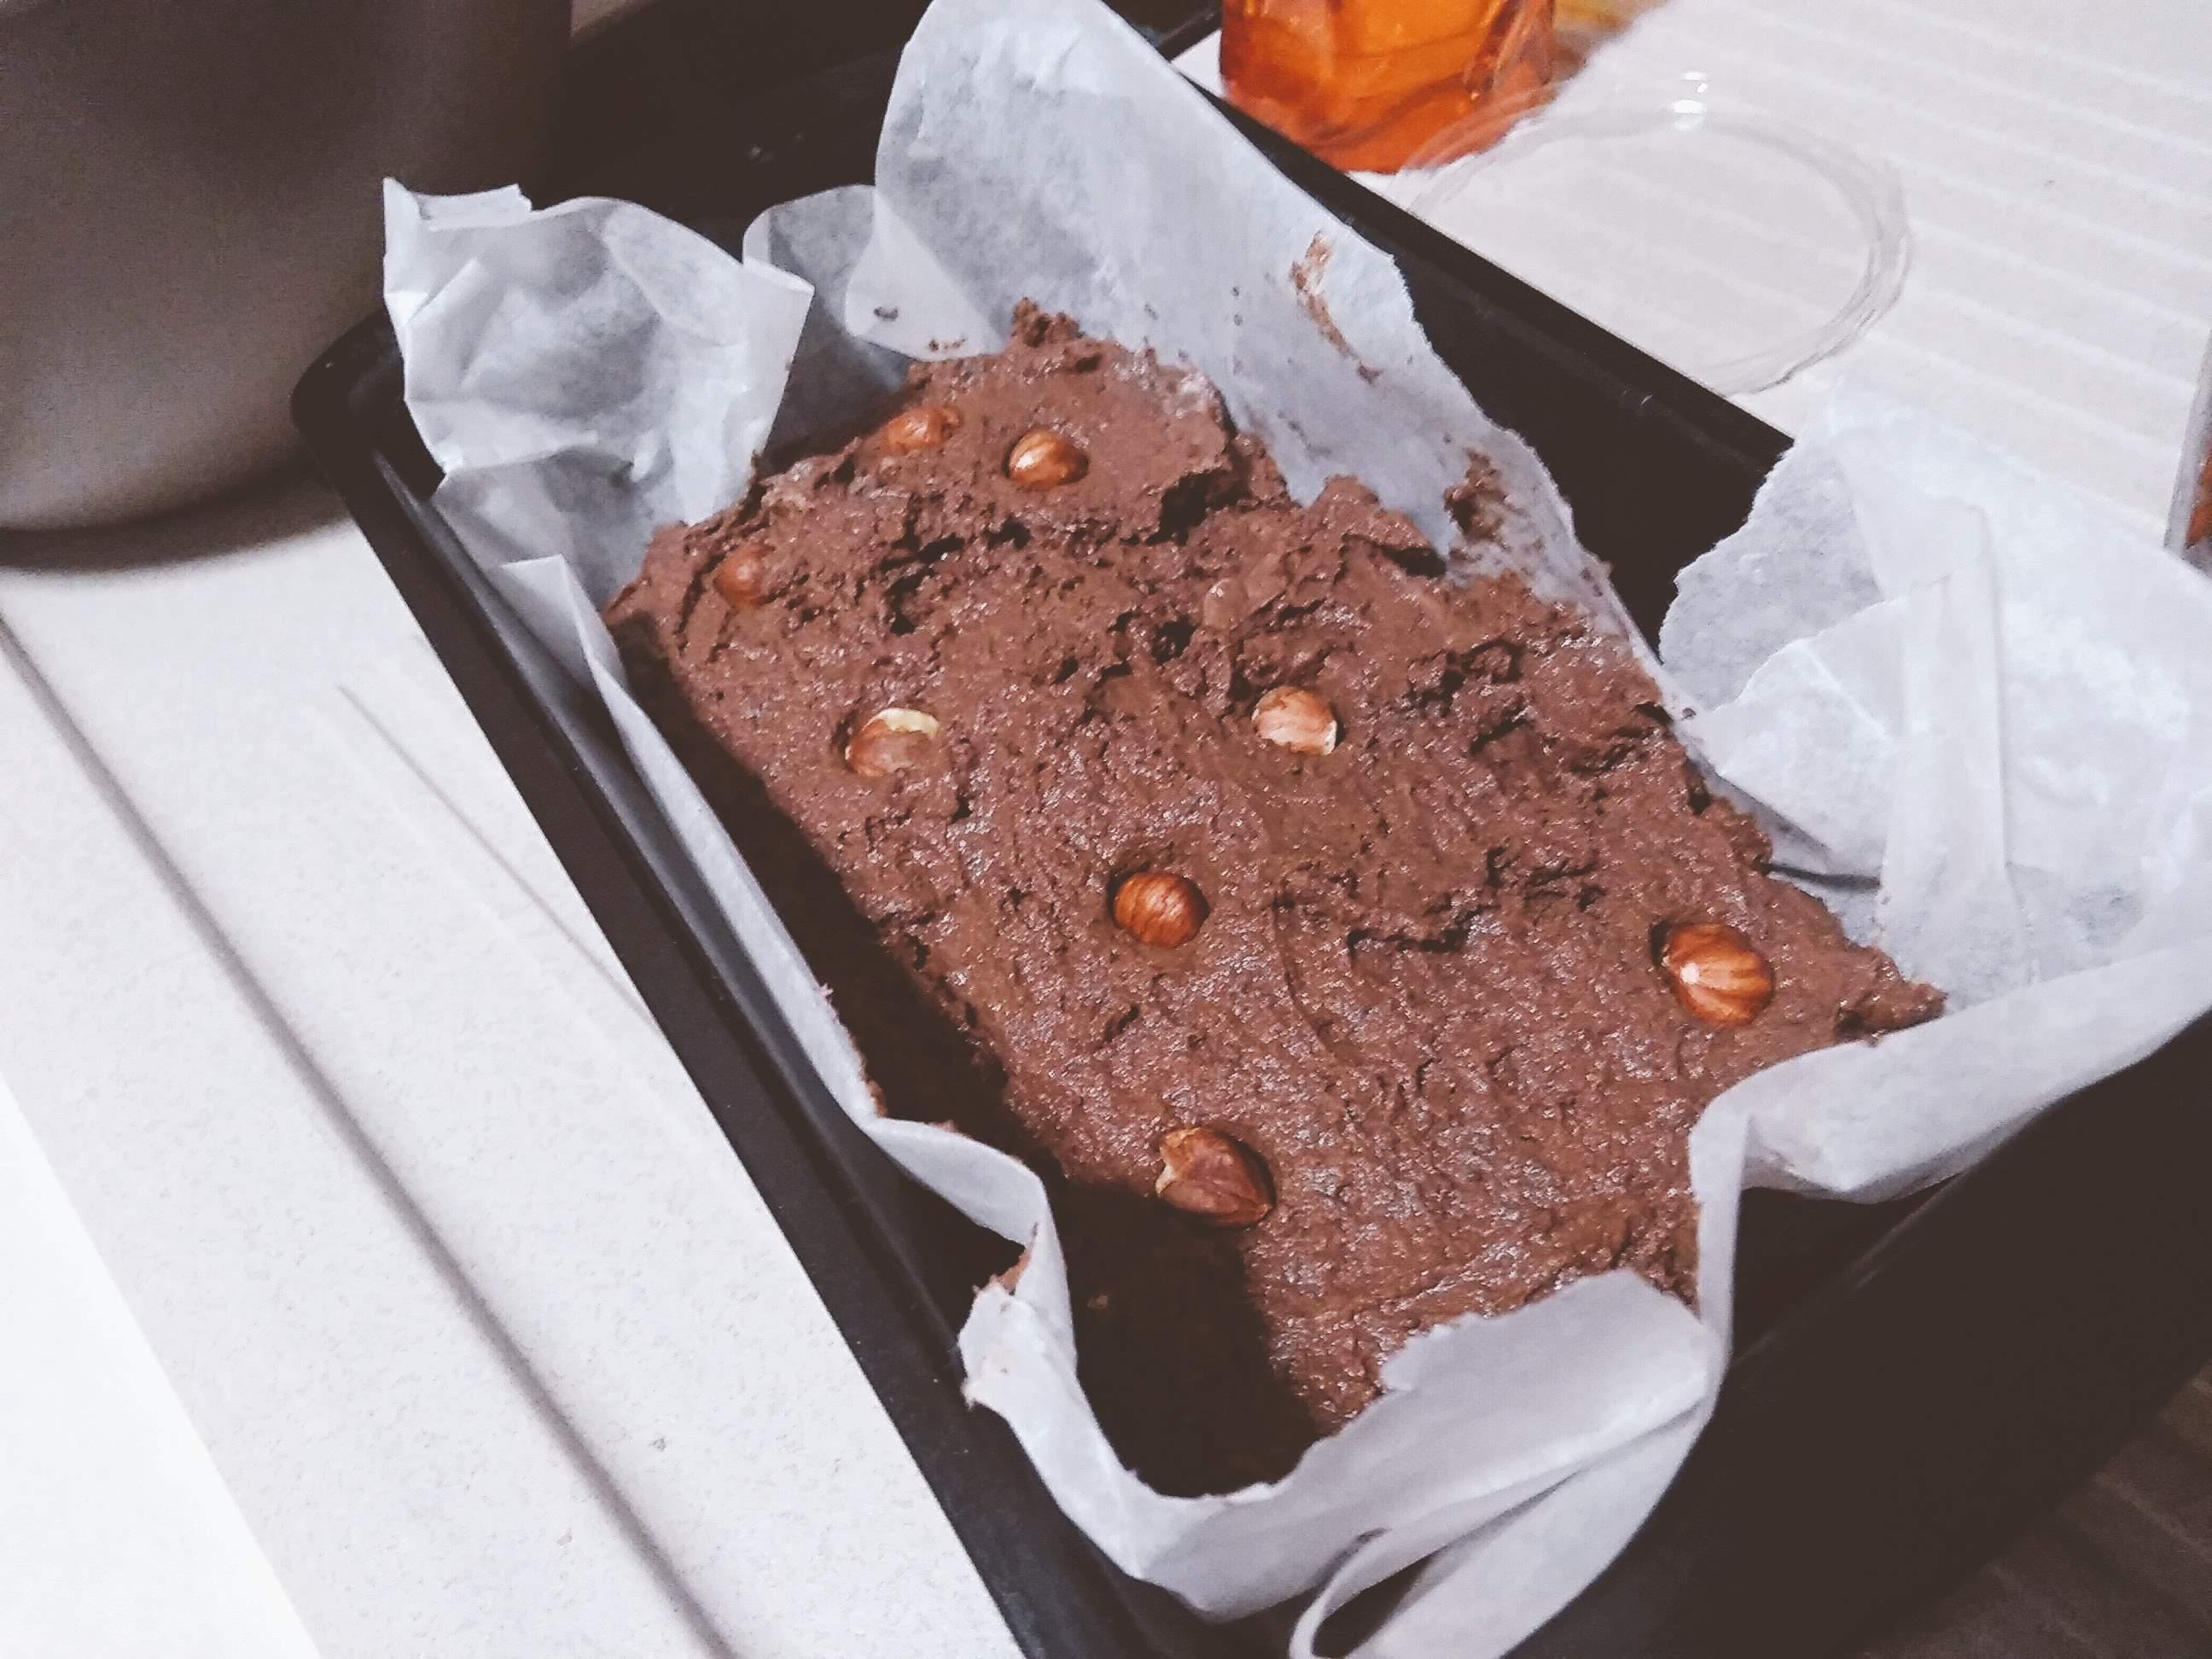 Brownie proteico fit e fudge: la nostra ricetta del brownie proteico fudge, senza farina, senza glutine, senza burro e senza zucchero. Da non crederci :-))